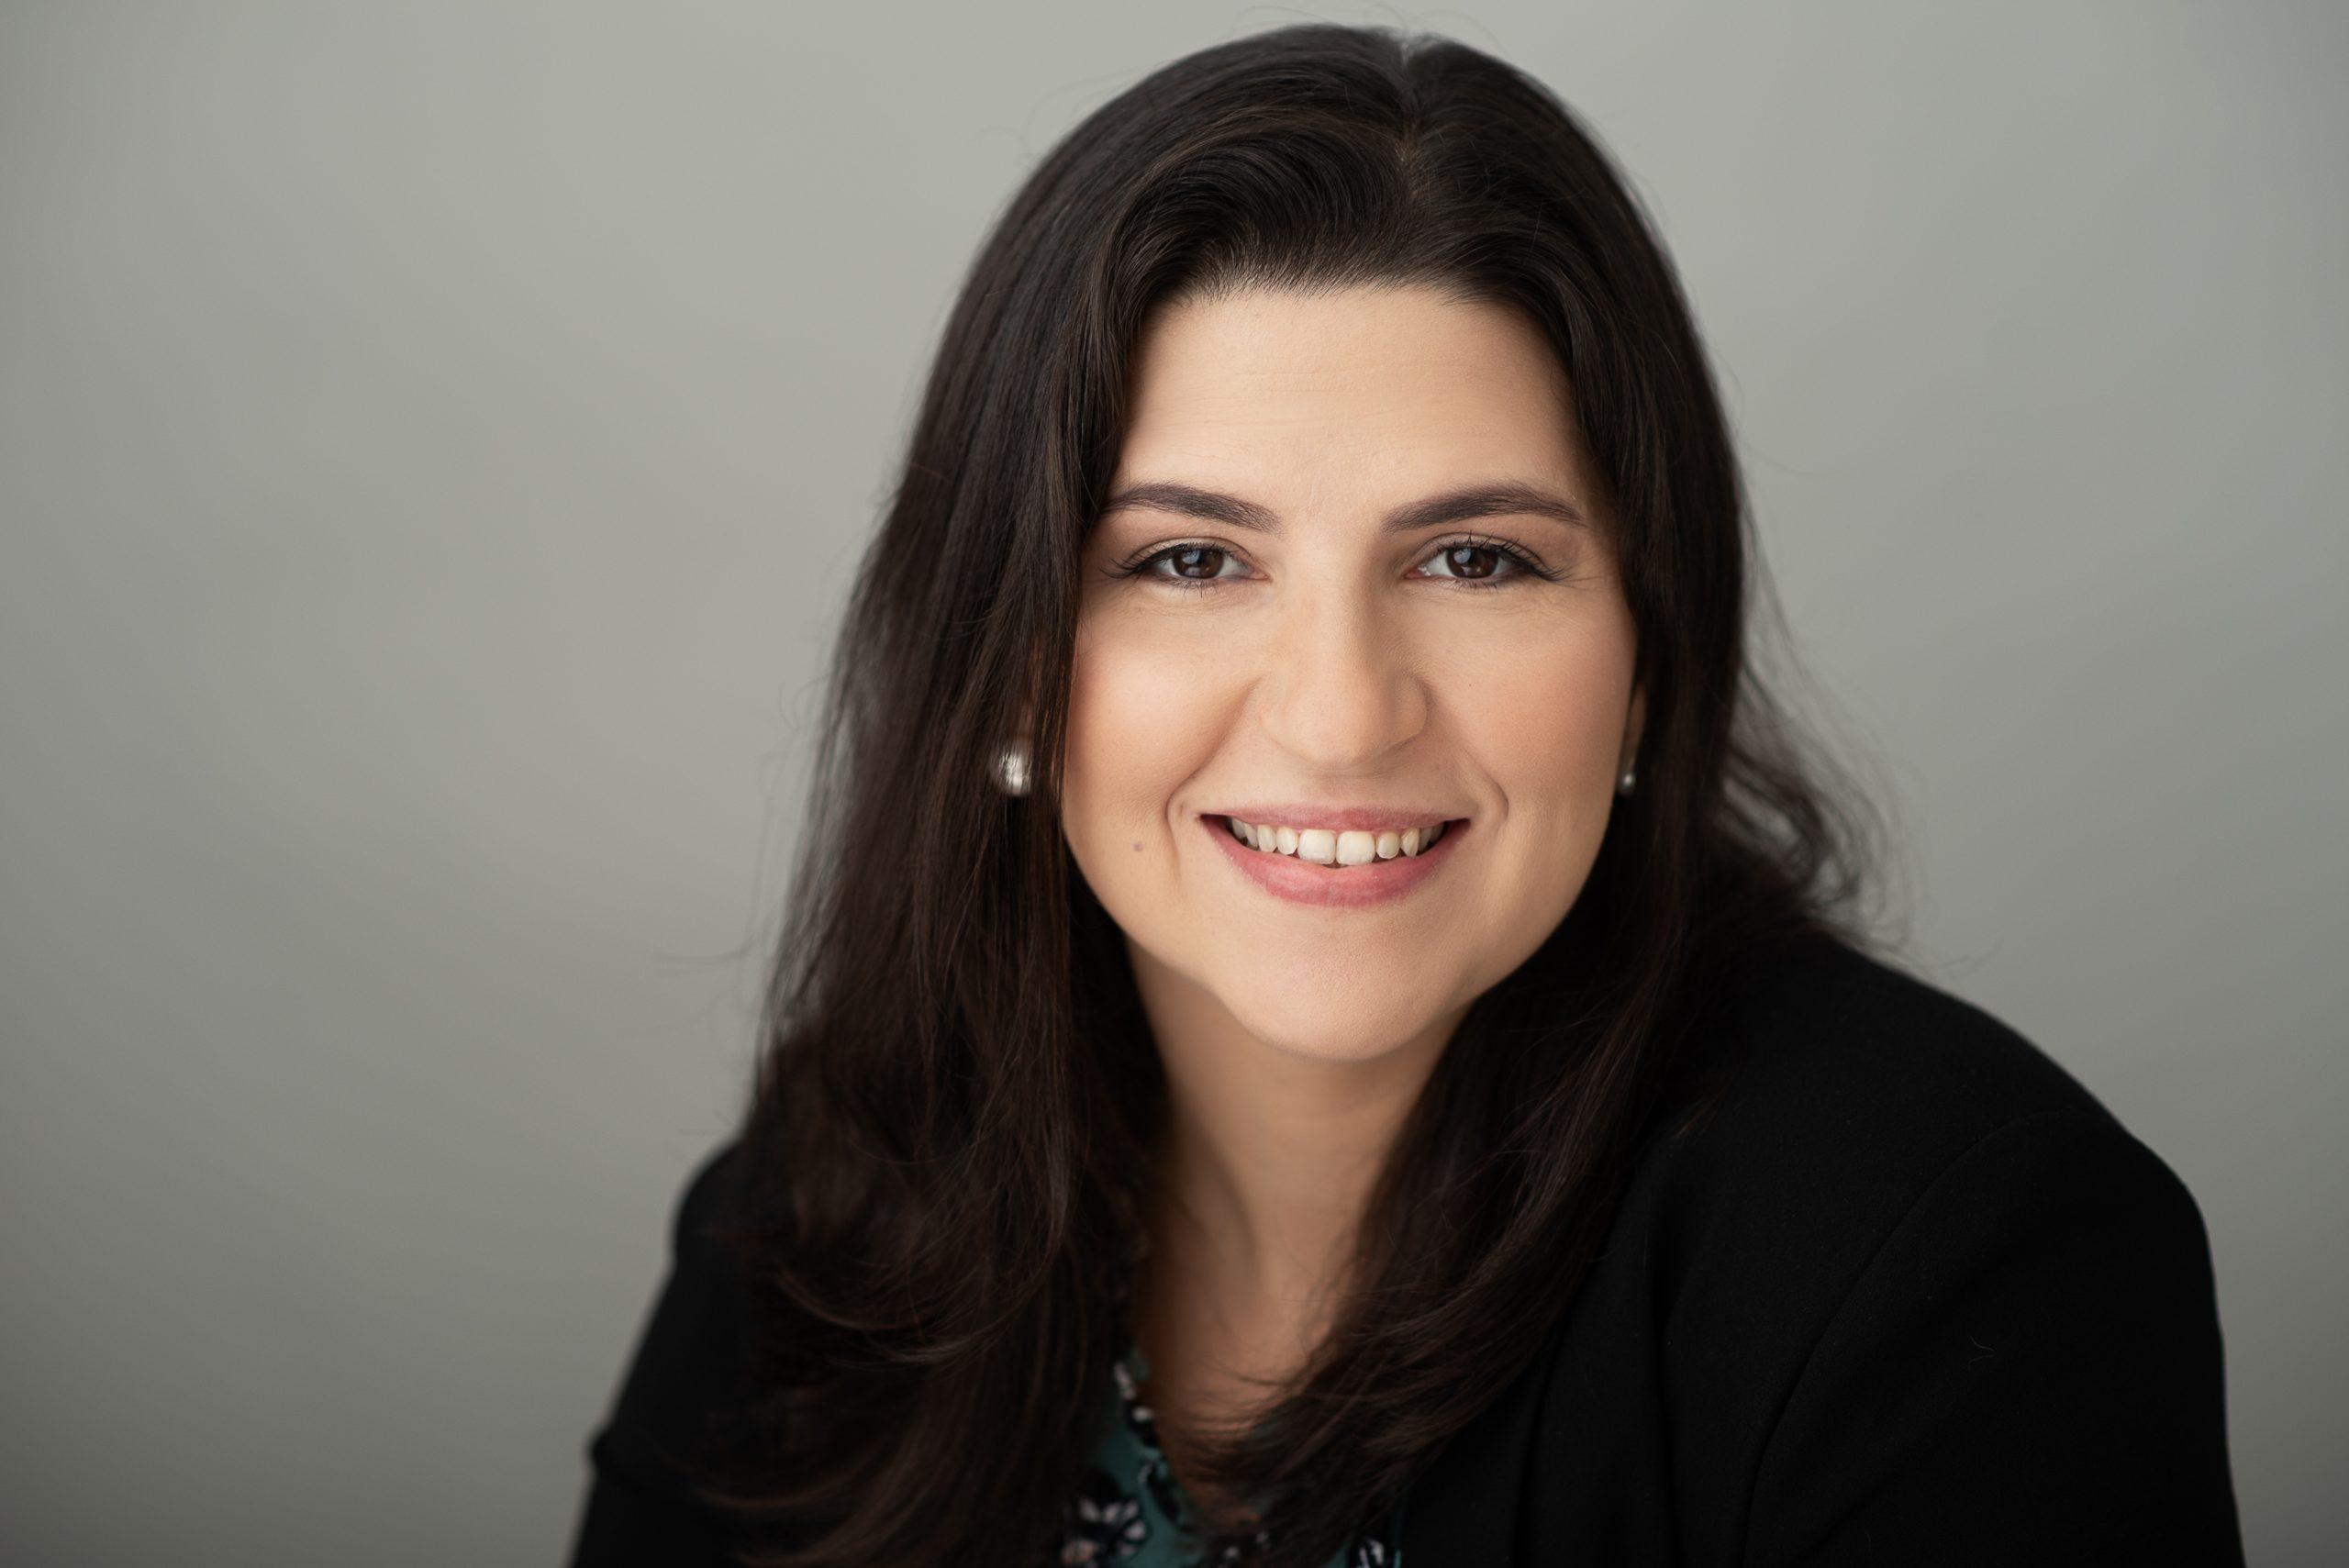 WE Impact busca e seleciona startups fundadas por mulheres para investir